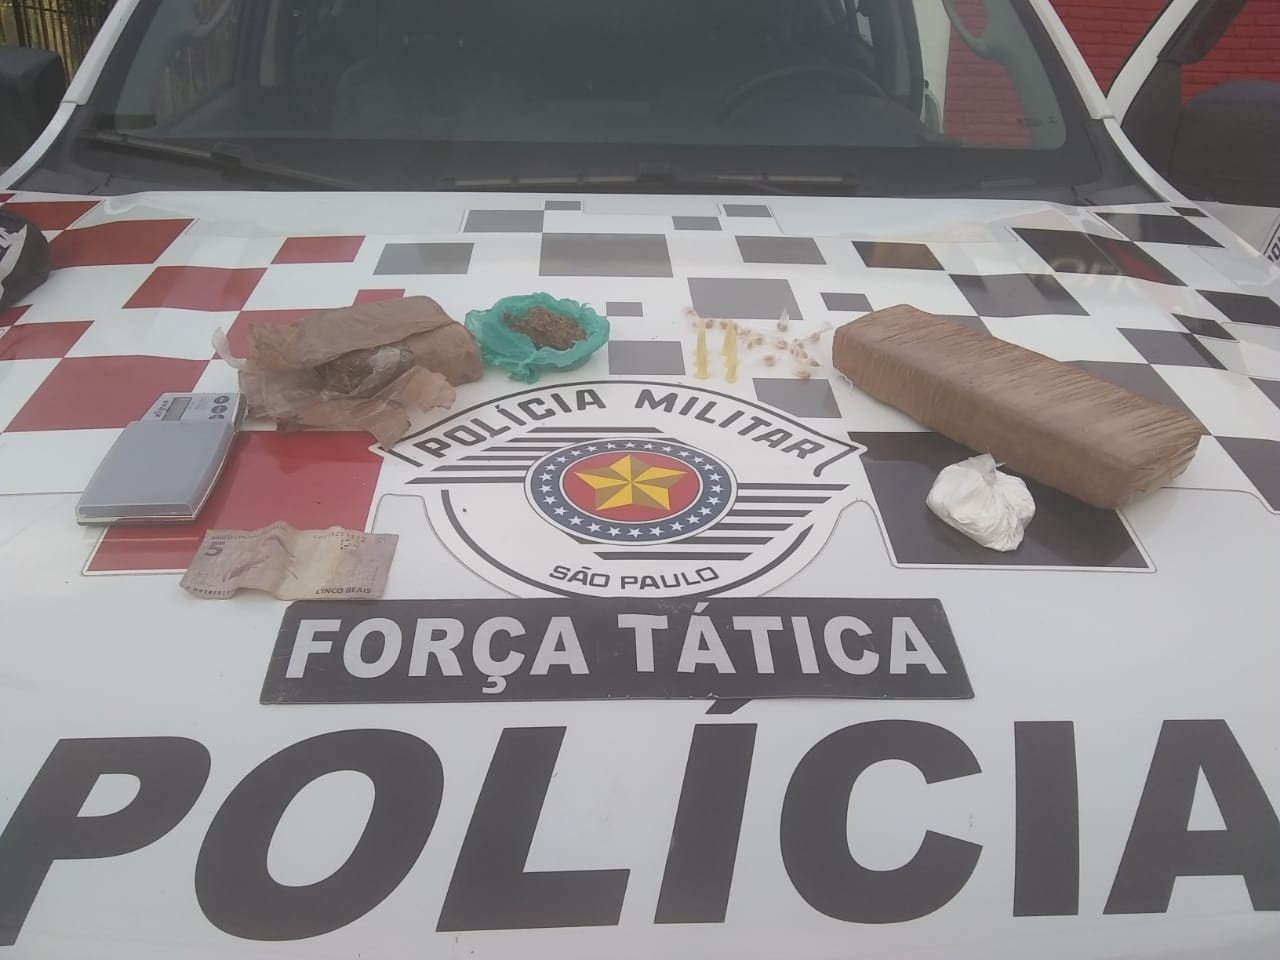 Adolescente é apreendido com drogas em Guaratinguetá, SP